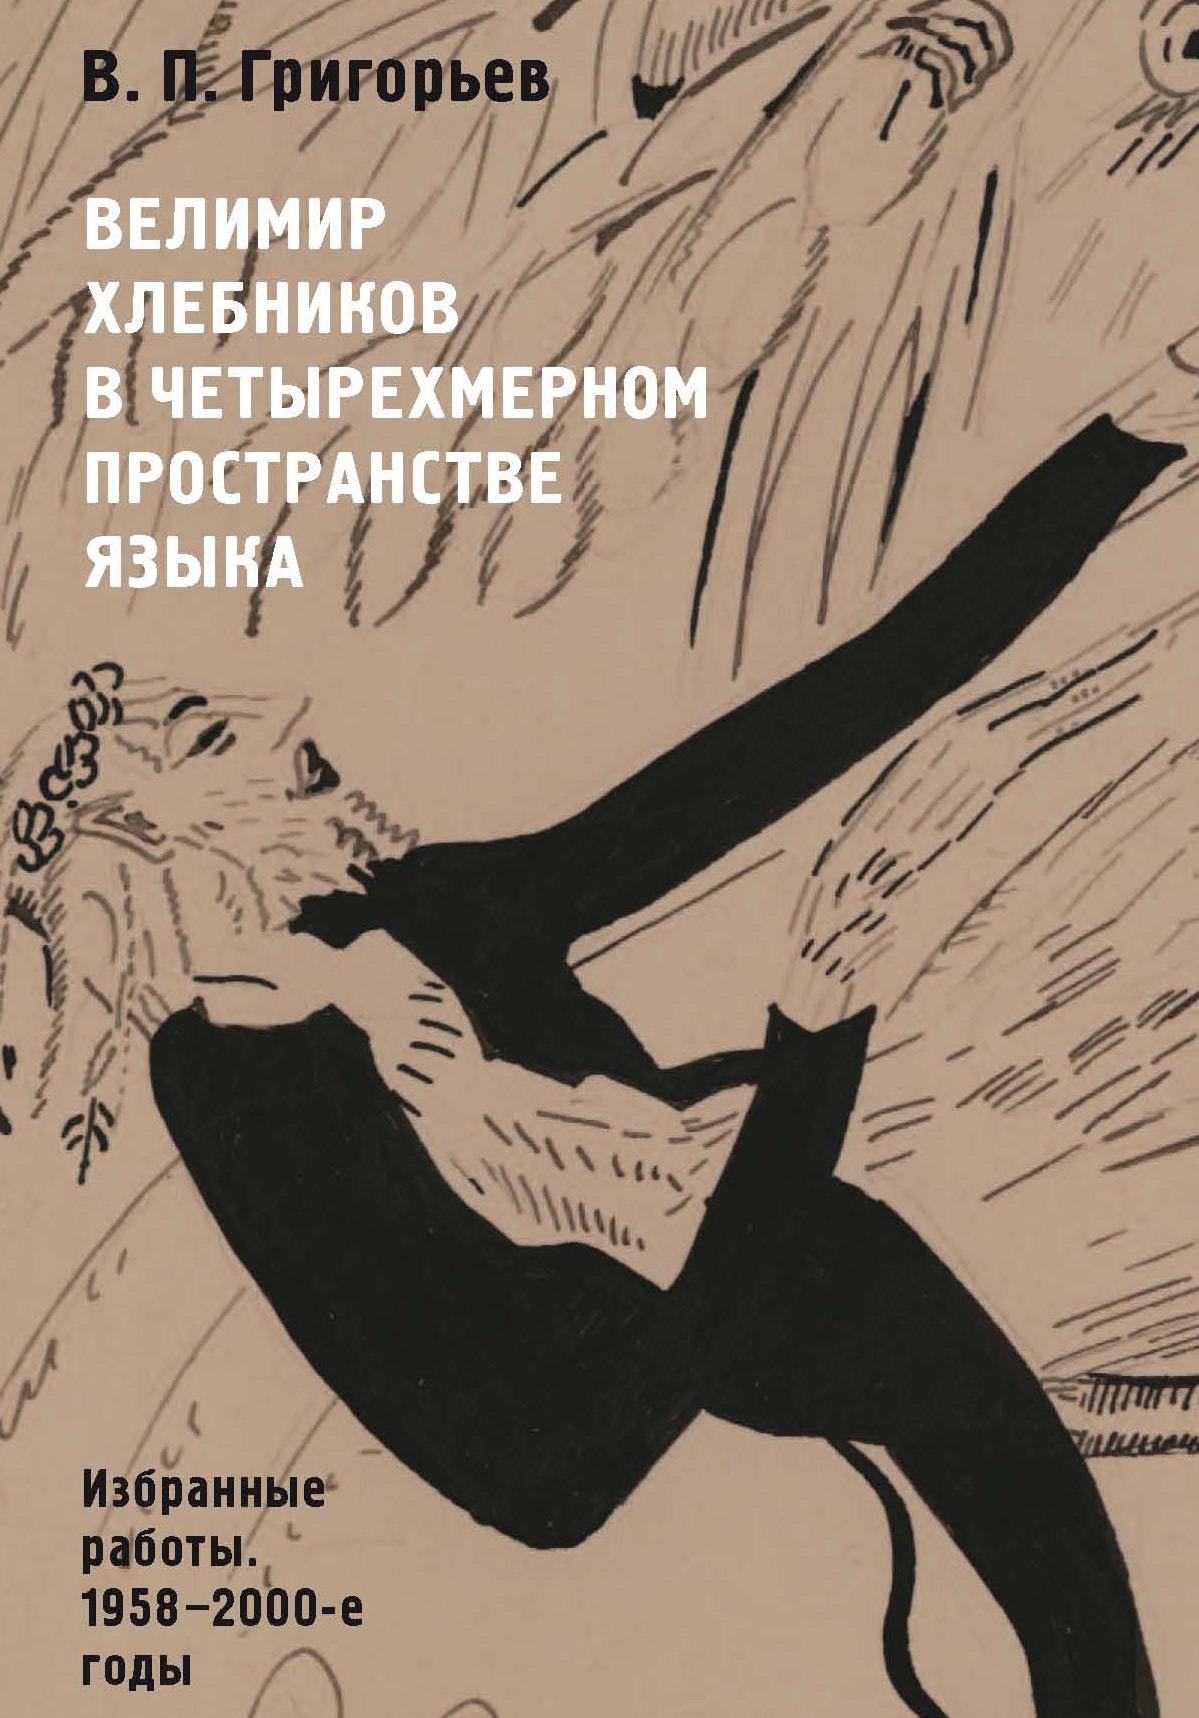 В. П. Григорьев Велимир Хлебников в четырехмерном пространстве языка. Избранные работы. 1958—2000-е годы